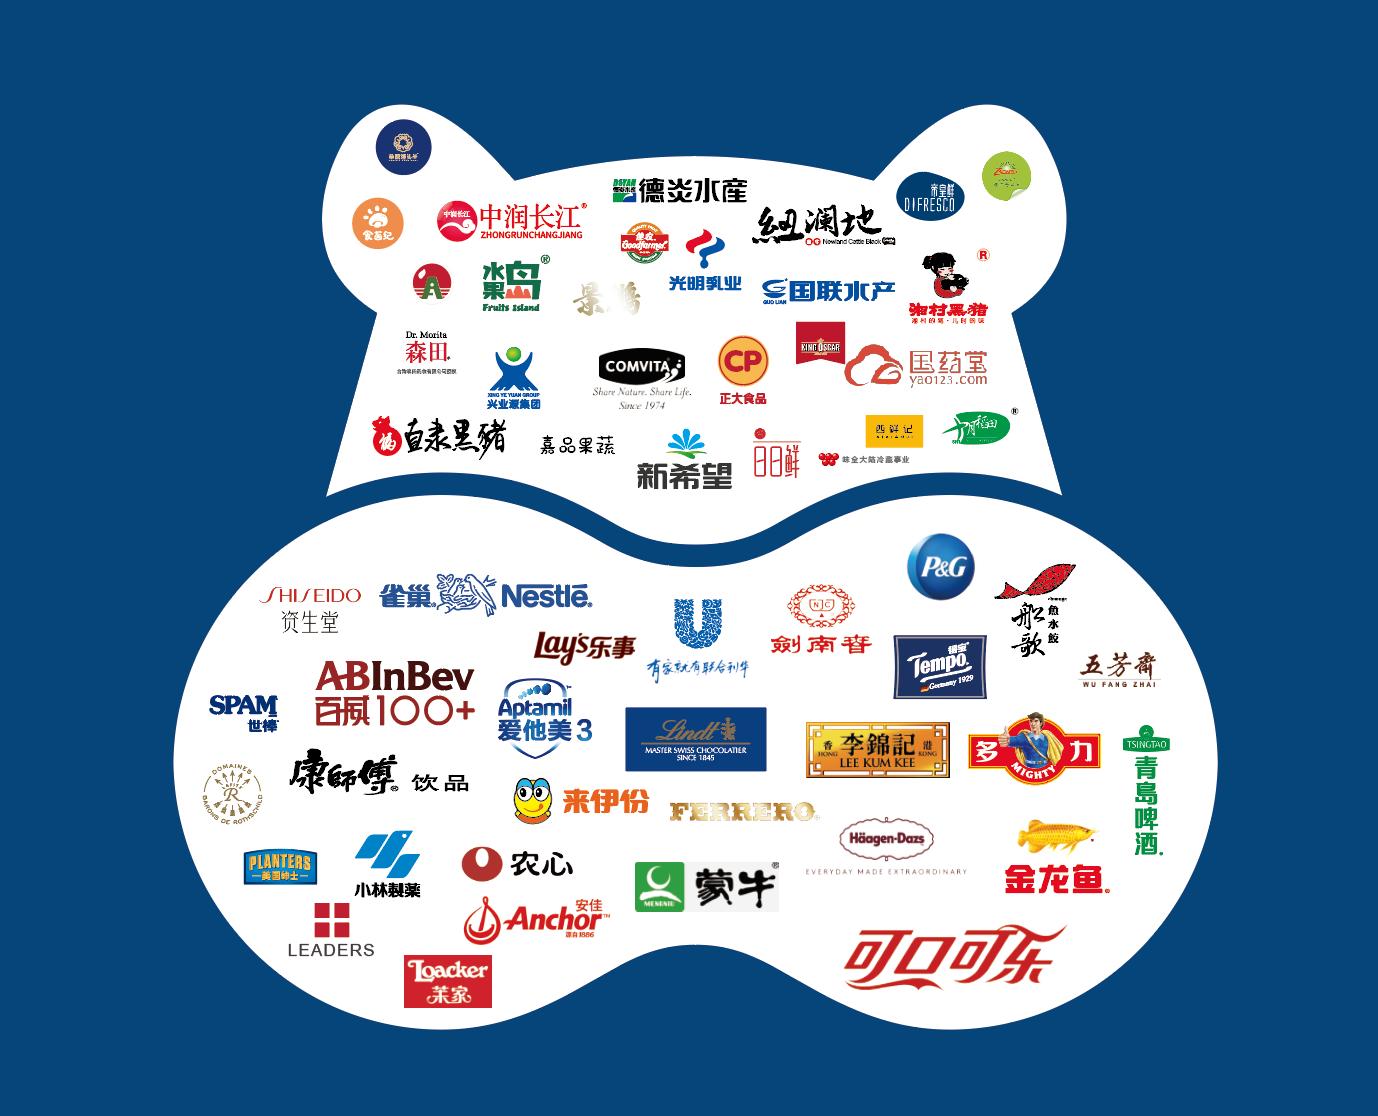 盒马品牌供应商代表